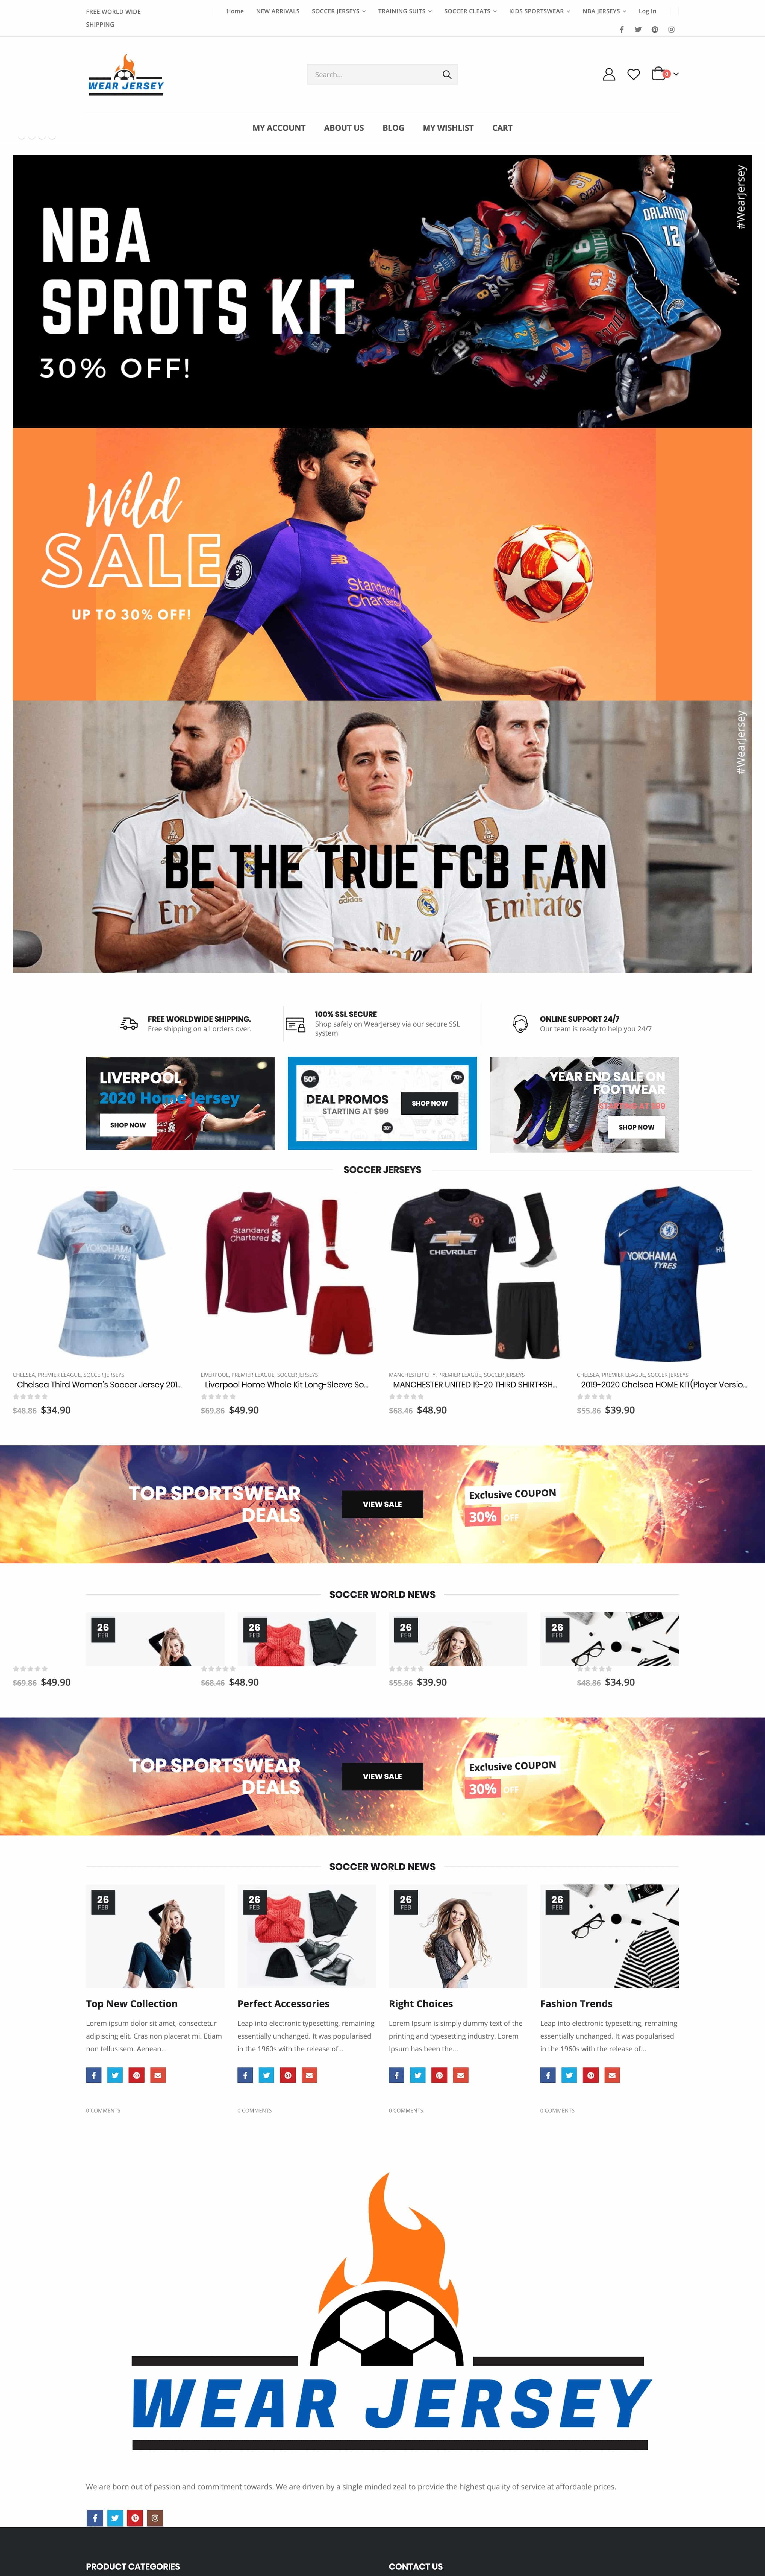 wearjersey.com